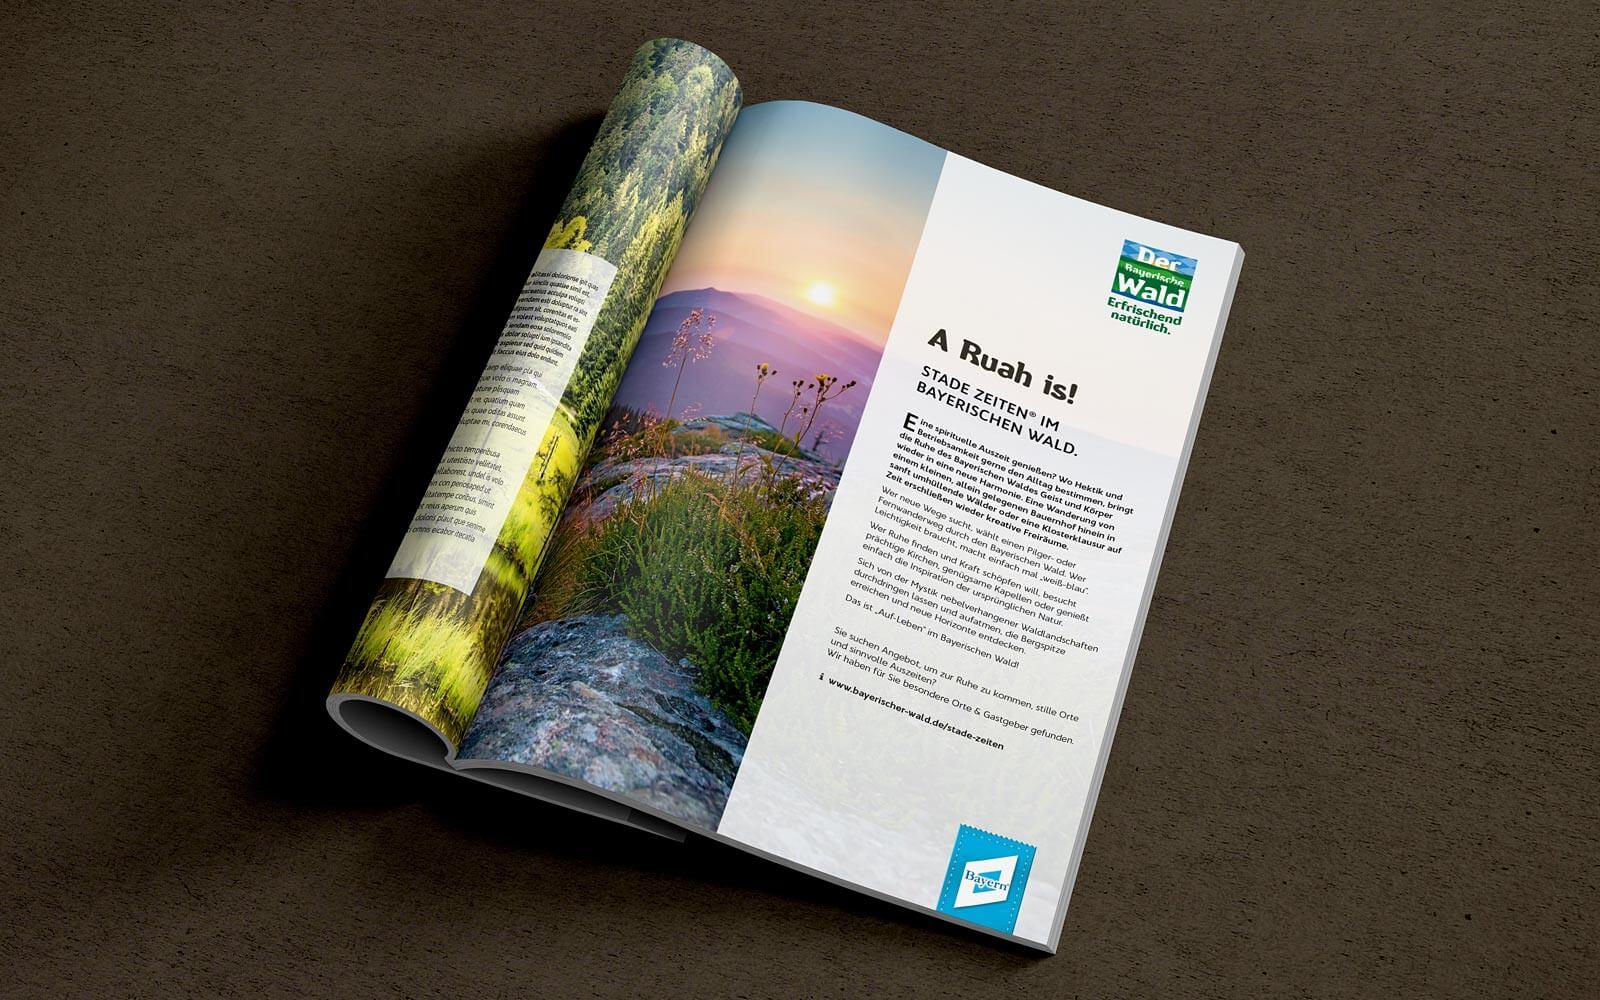 Bayerischer Wald – Anzeigenlayout